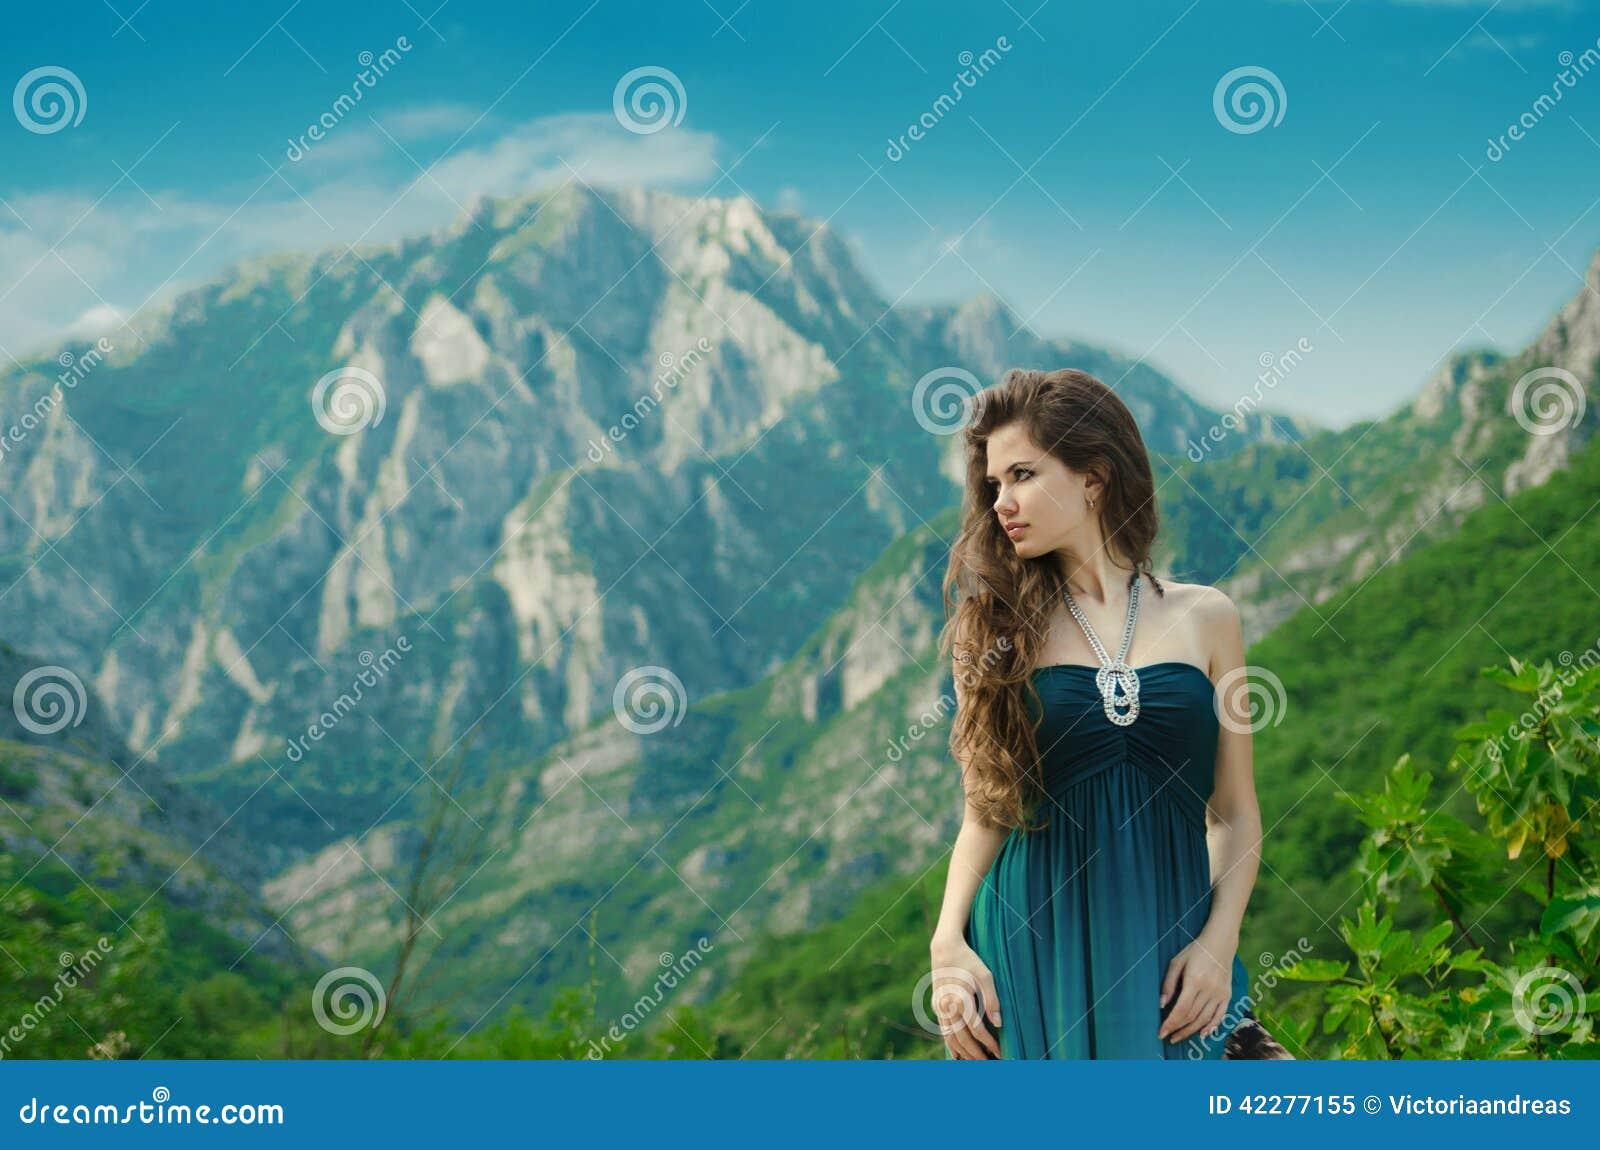 outdoors Beautiful girls